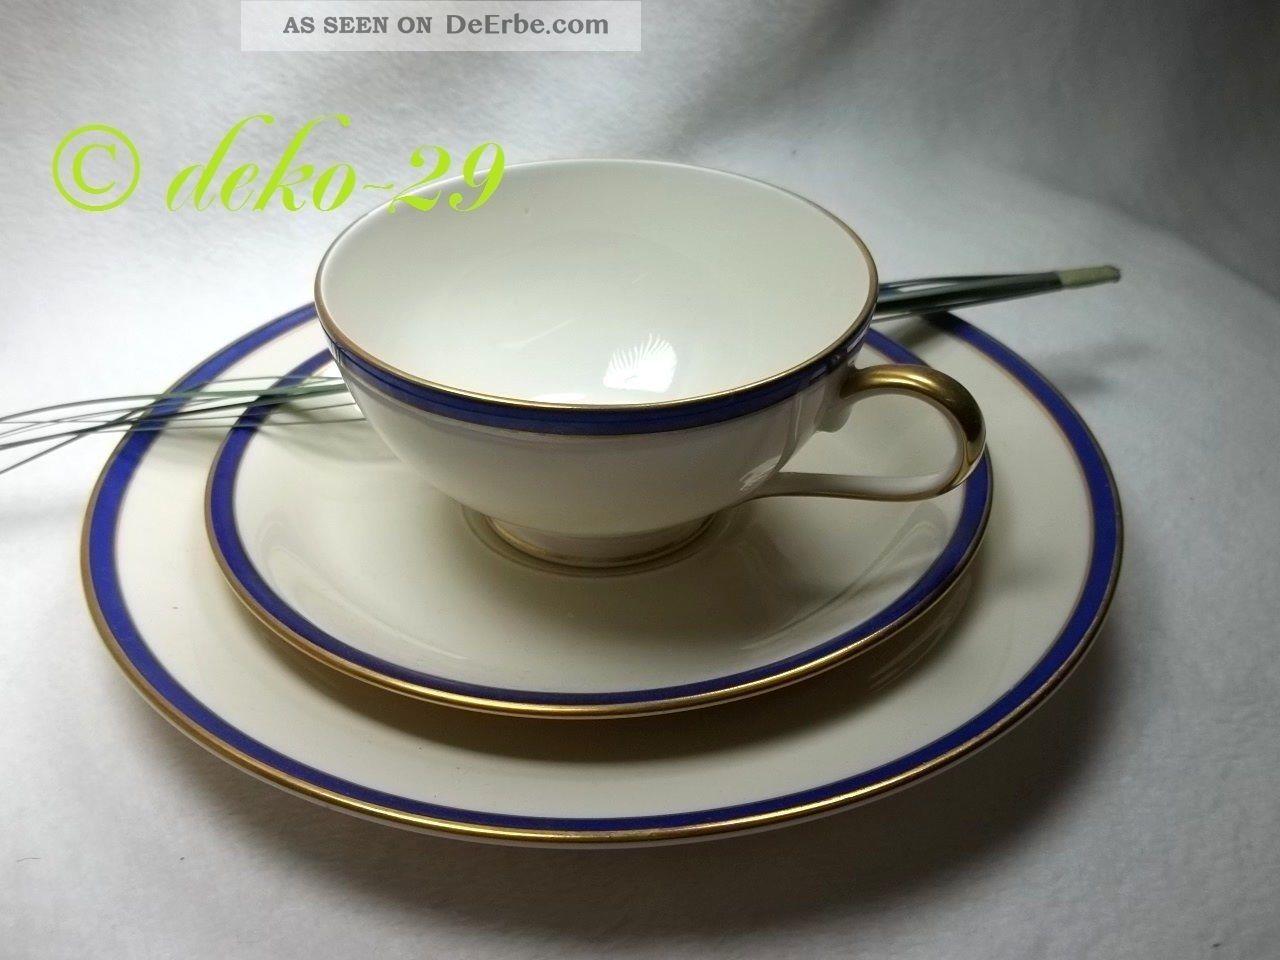 rosenthal 1 gedeck tasse teller goldrand kobaltblau dekor. Black Bedroom Furniture Sets. Home Design Ideas